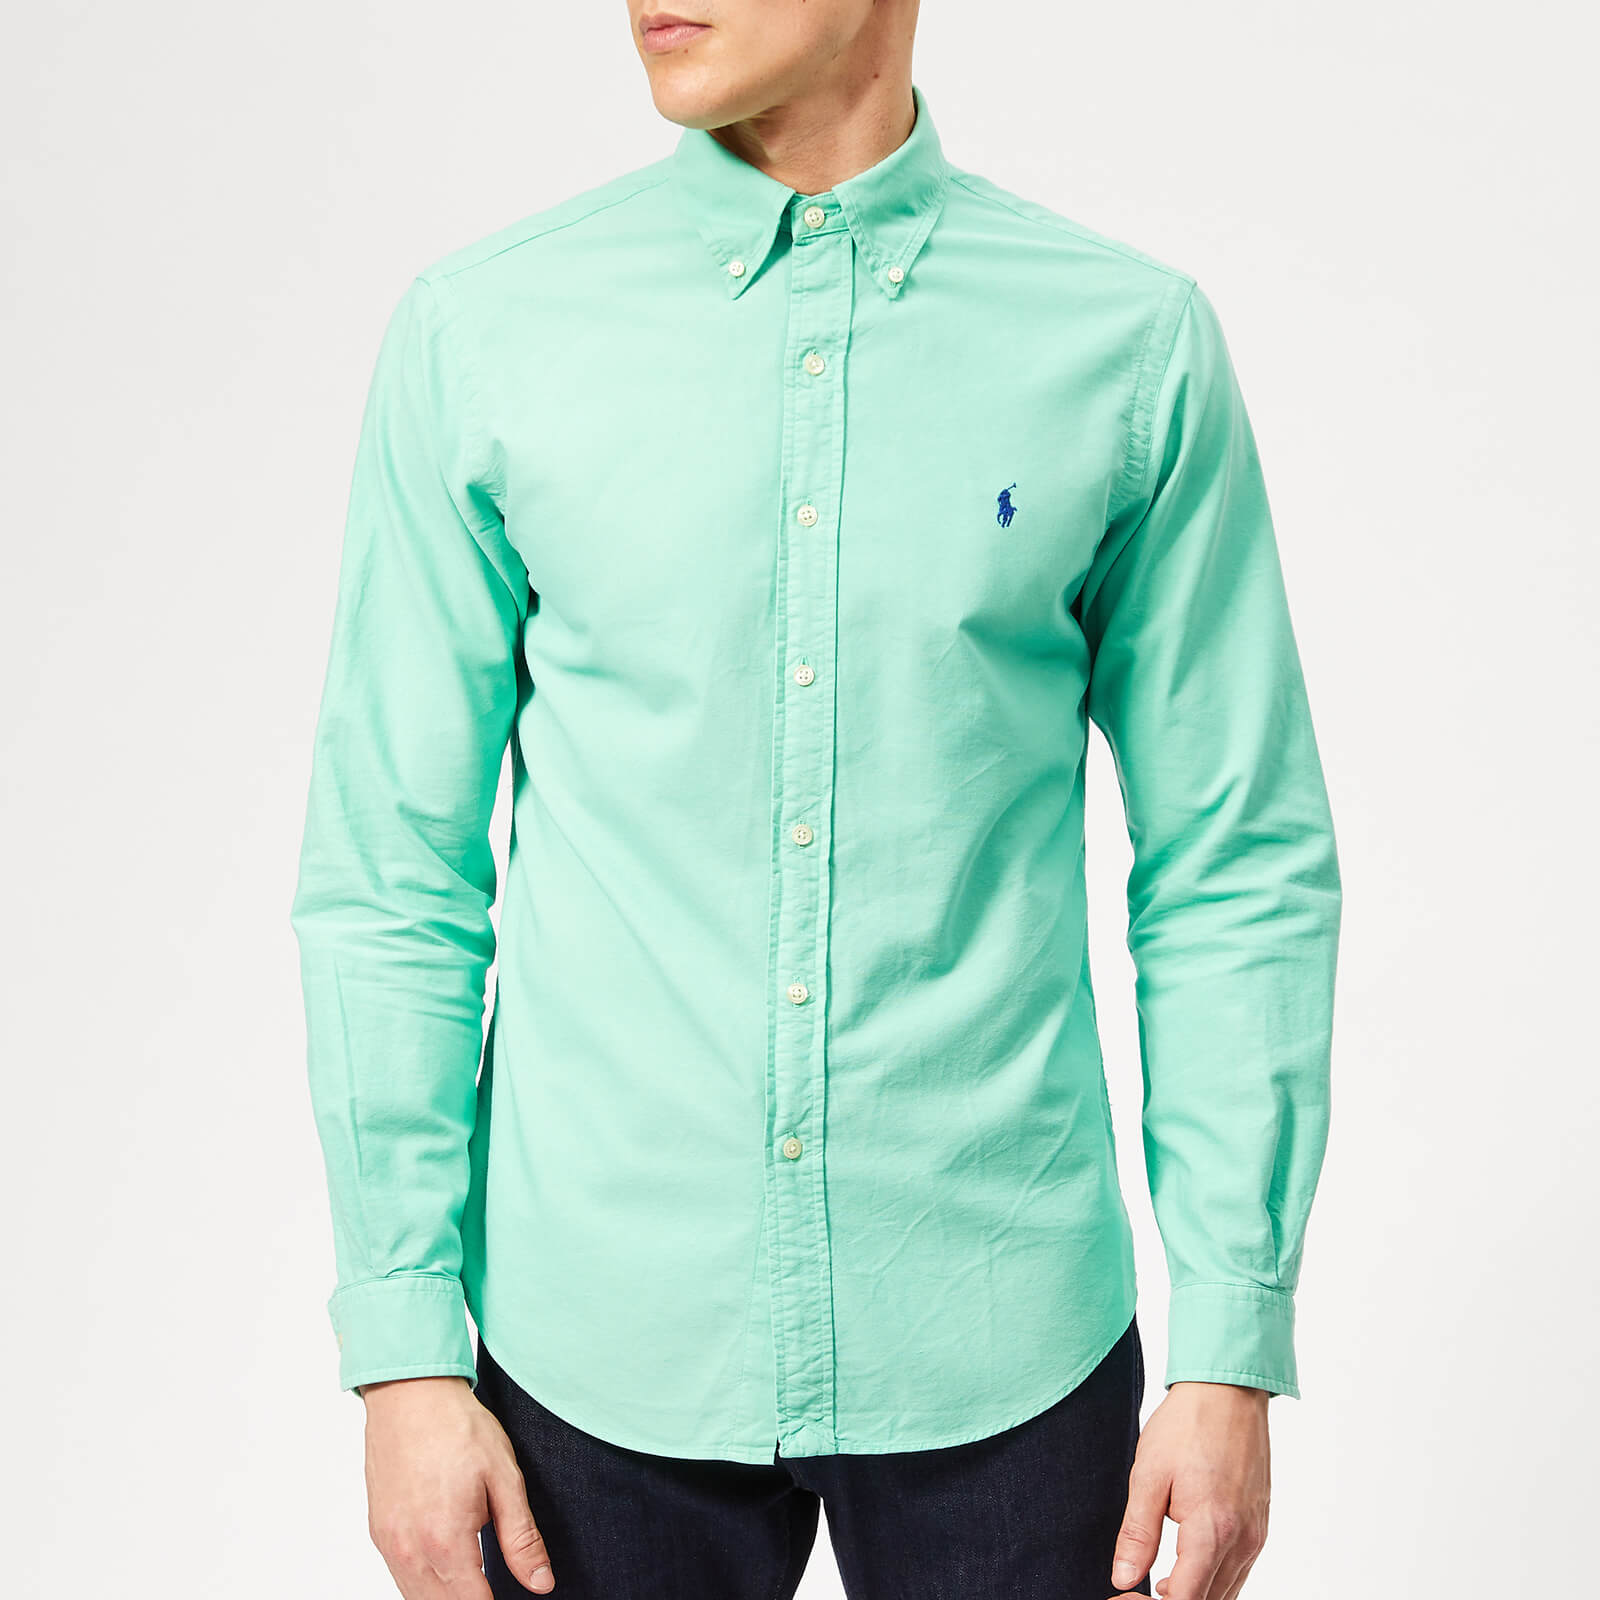 cc6b50d5 Polo Ralph Lauren Men's Garment Dyed Oxford Shirt - Sunset Green